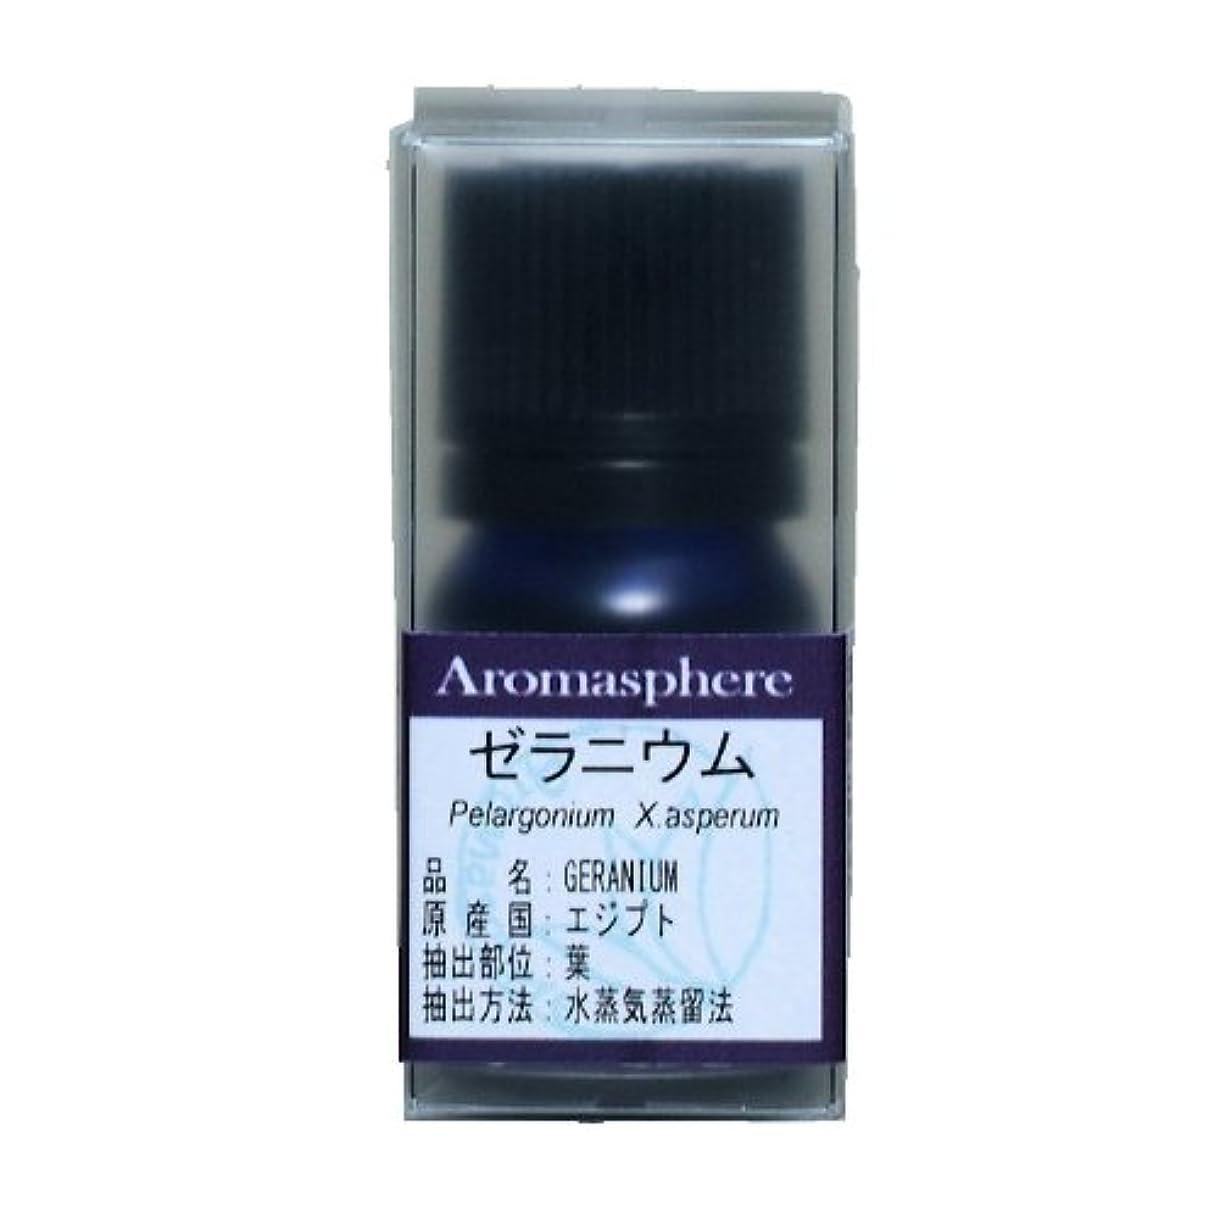 マルクス主義姉妹小包【アロマスフィア】ゼラニウム 5ml エッセンシャルオイル(精油)